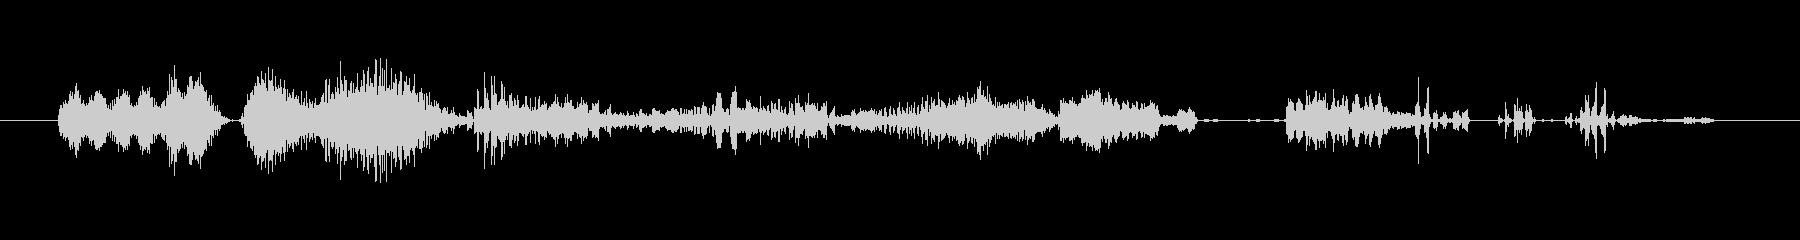 フィクション 電力装置 変動グリッチ01の未再生の波形